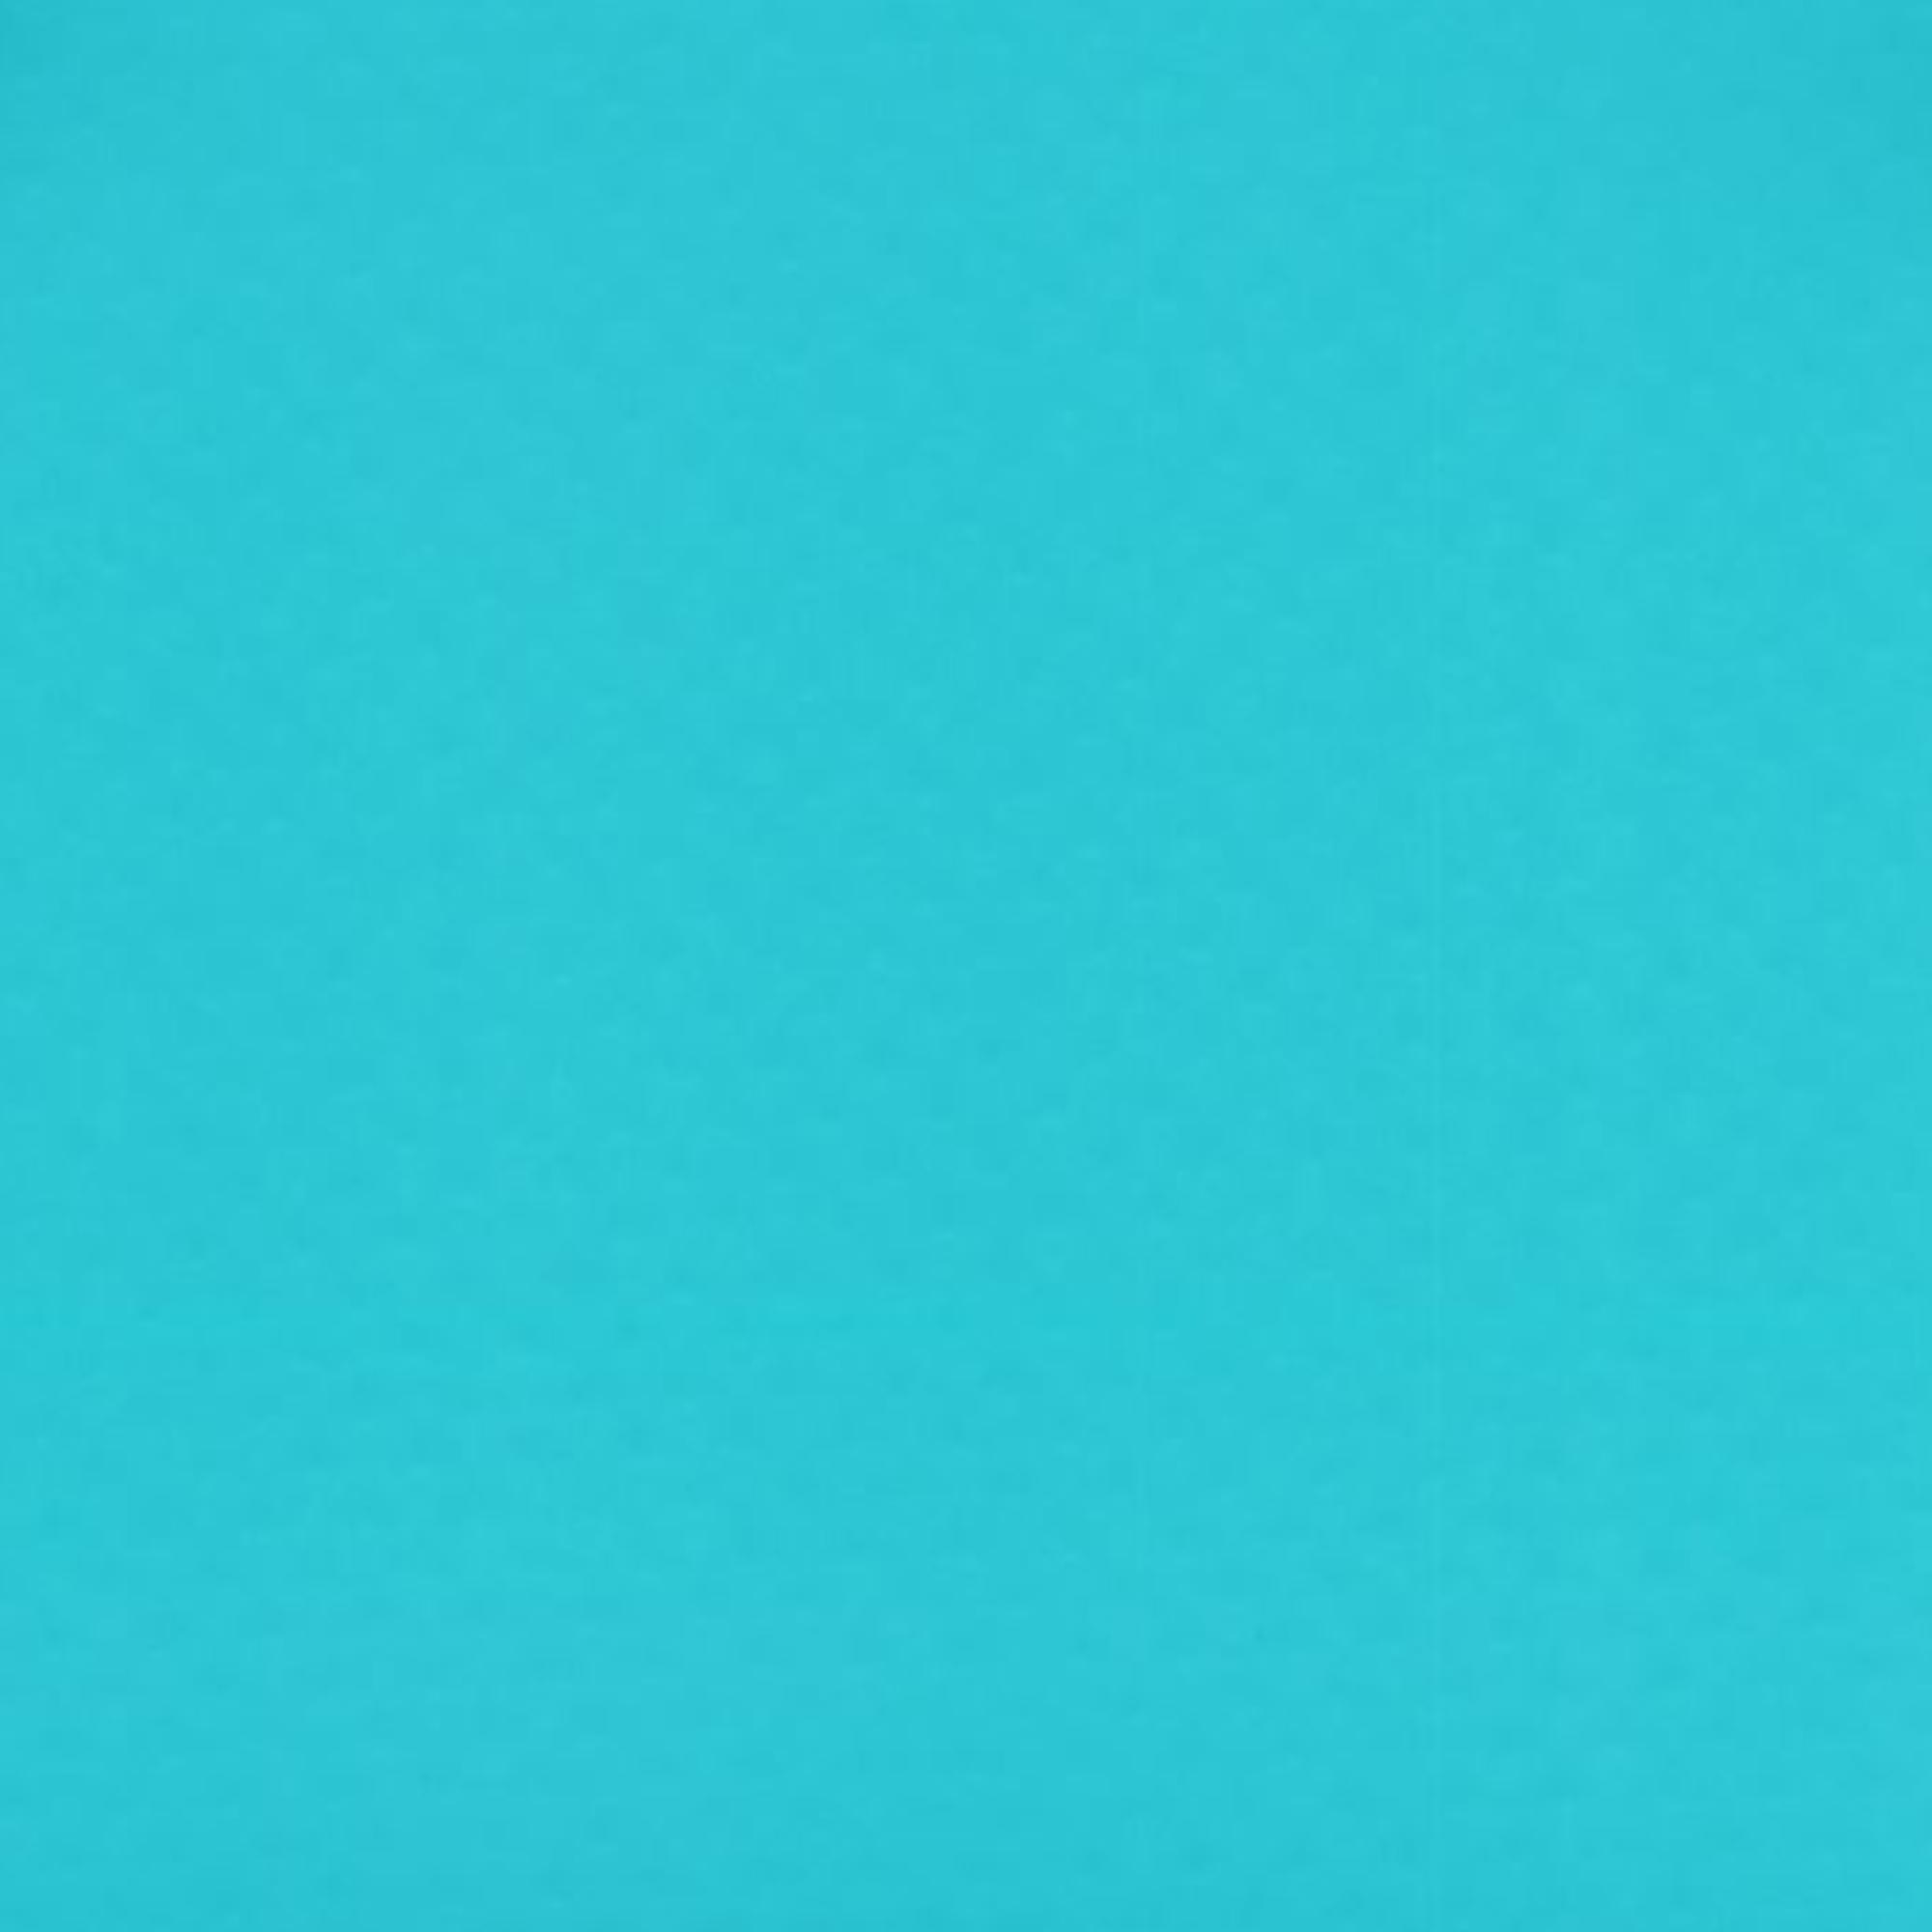 Bazénová fólie z PVC-P ALKORPLAN tyrkysová 1,5 mm, šíře 1,65 m